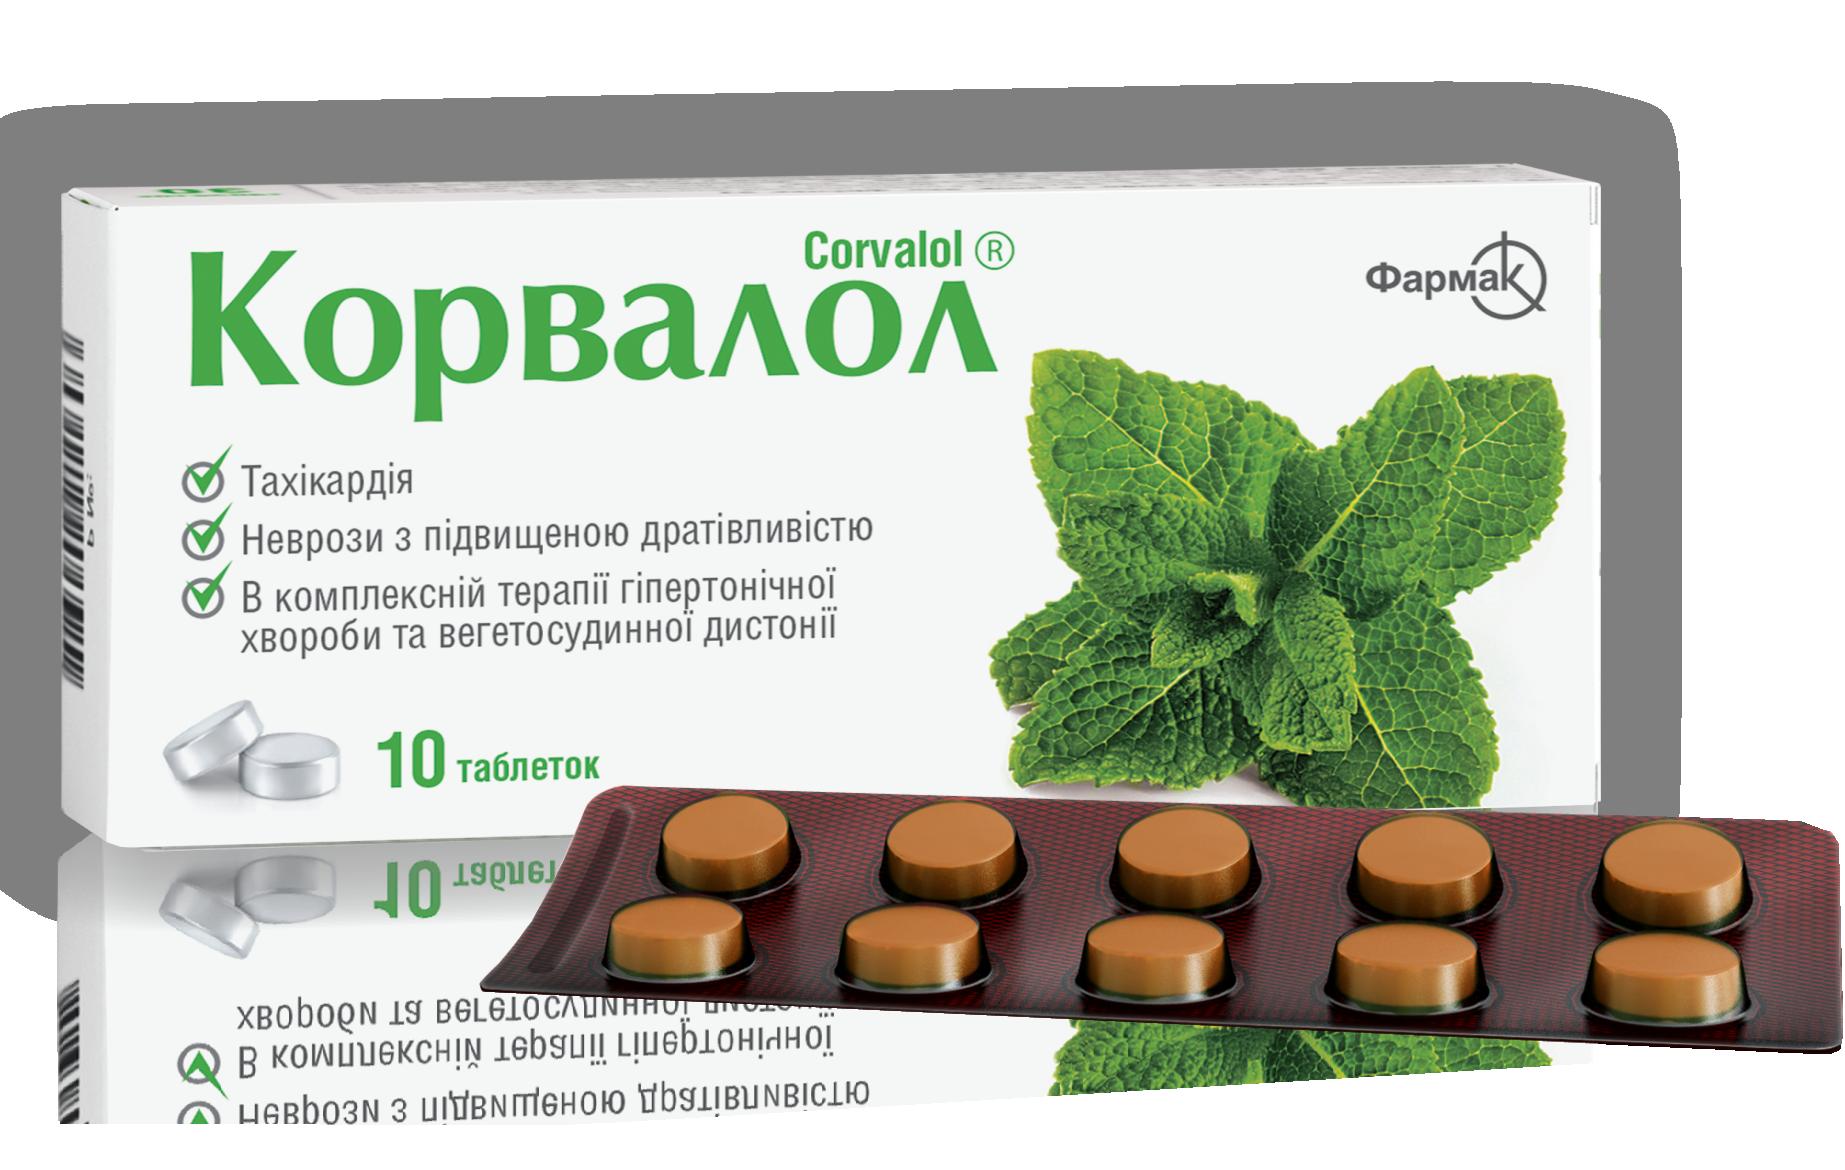 magas vérnyomás és corvalol)